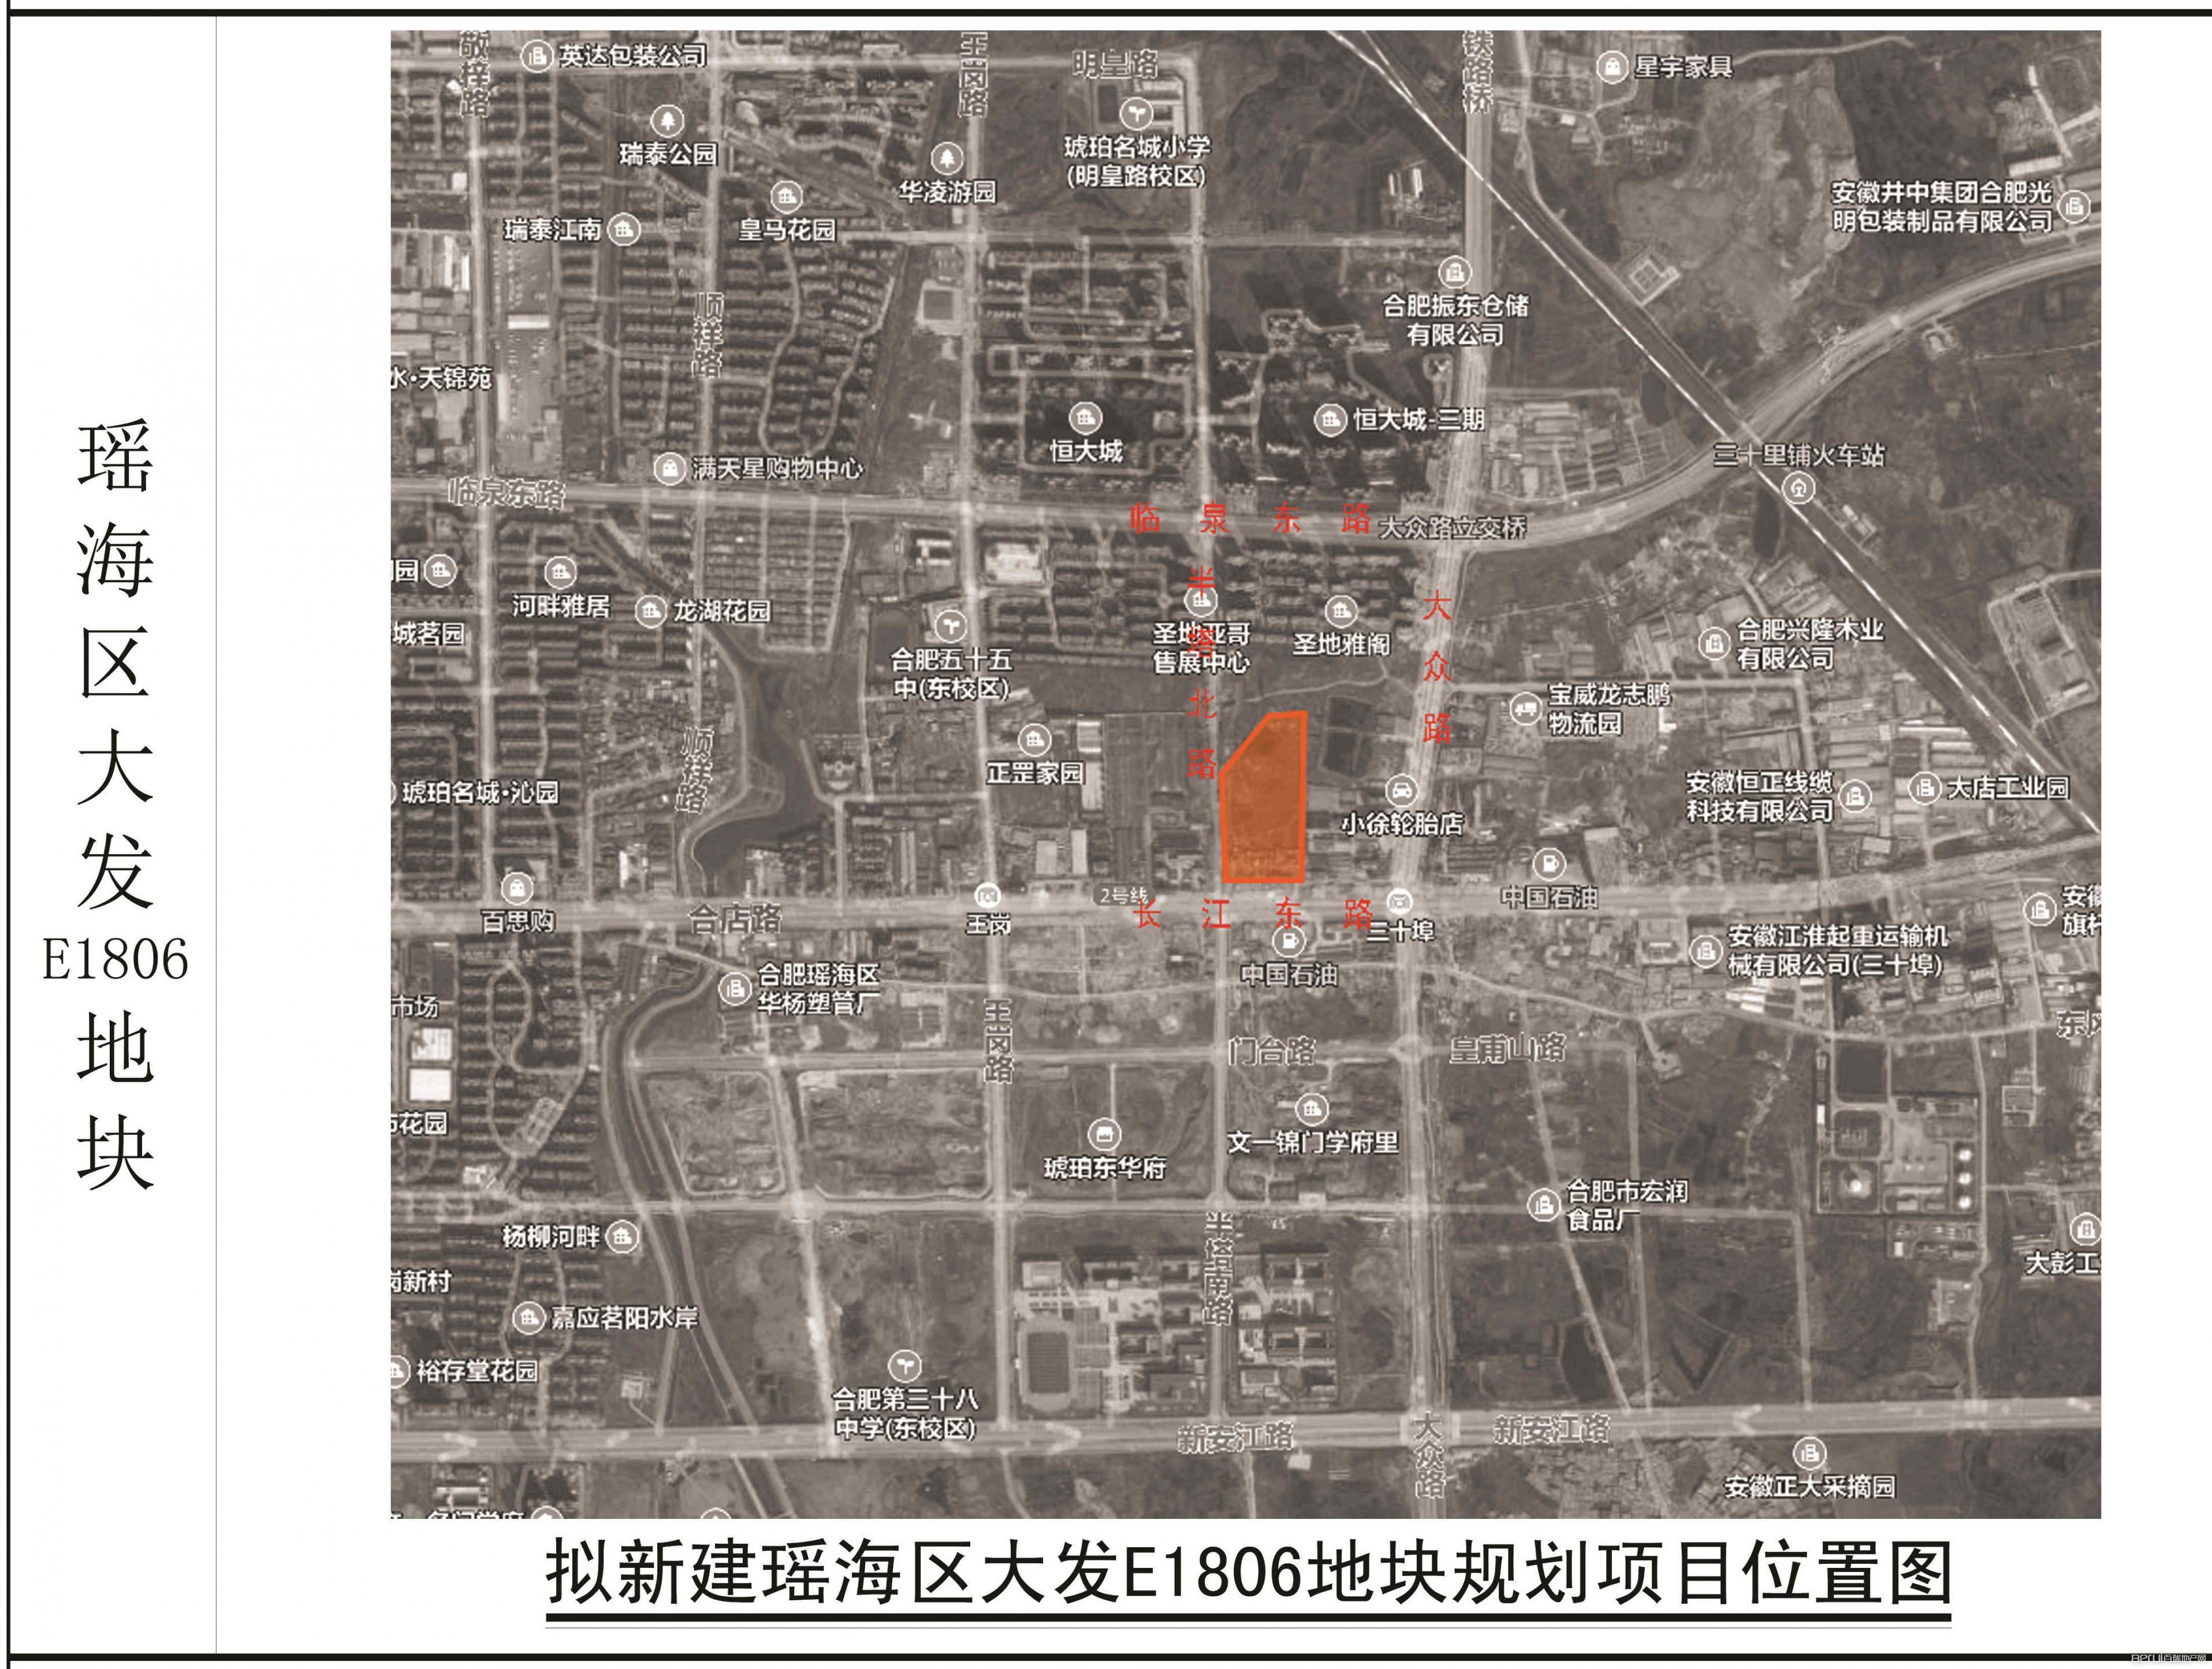 上海大发瑶海E1806地块卫星图